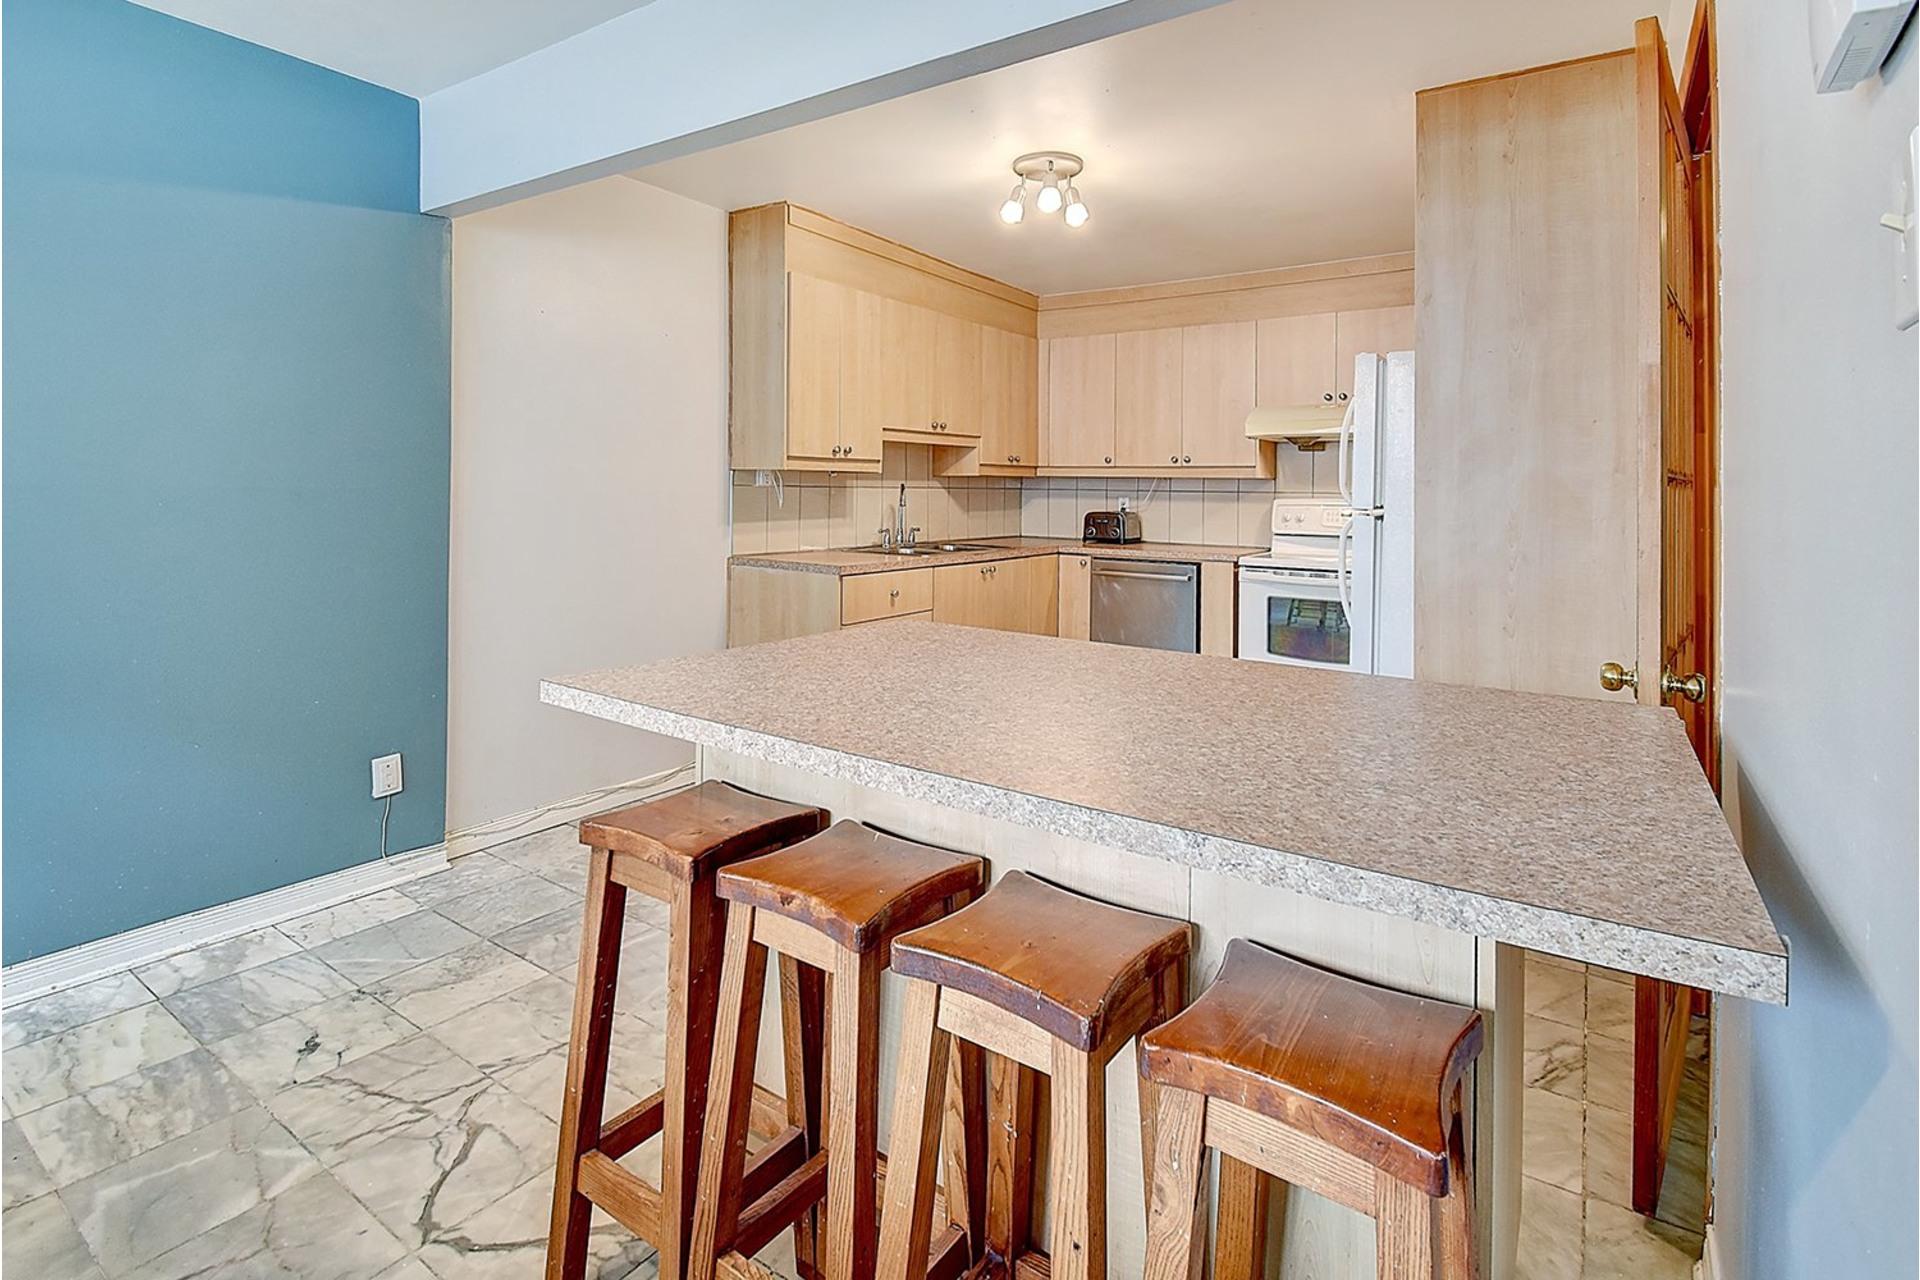 image 9 - Appartement À vendre Verdun/Île-des-Soeurs Montréal  - 7 pièces